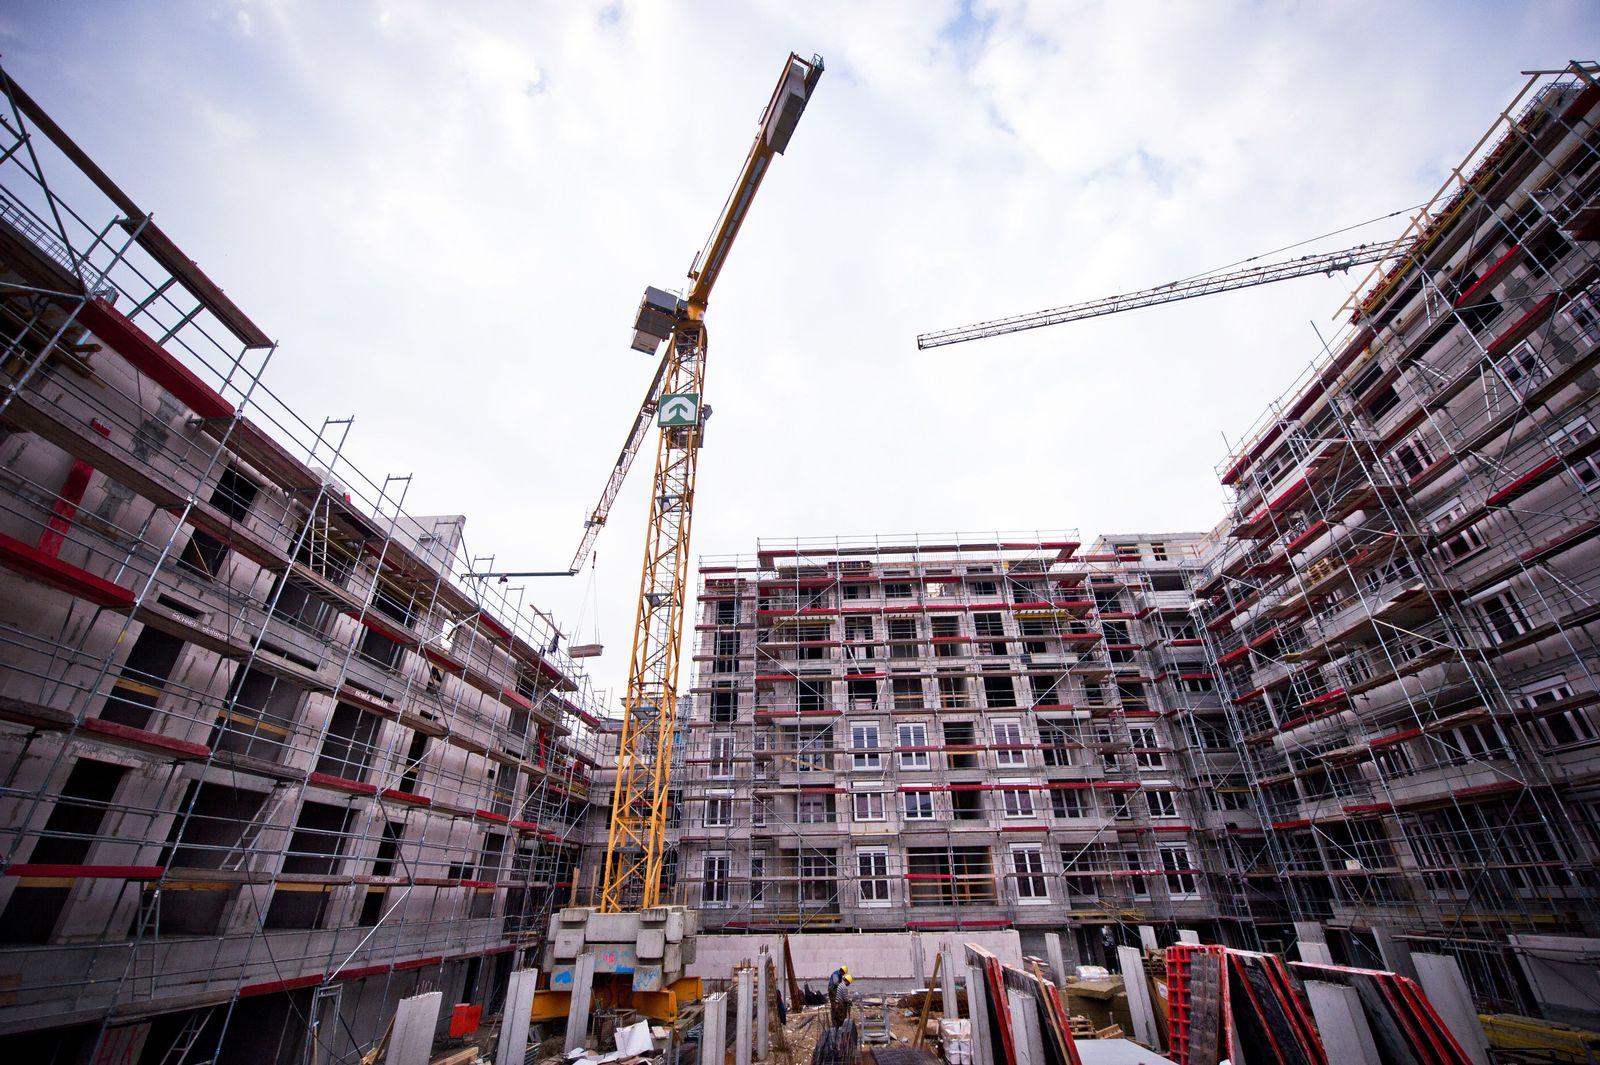 Wohnungsbau / Immobilien / Immobilien-Boom / Wohnungen